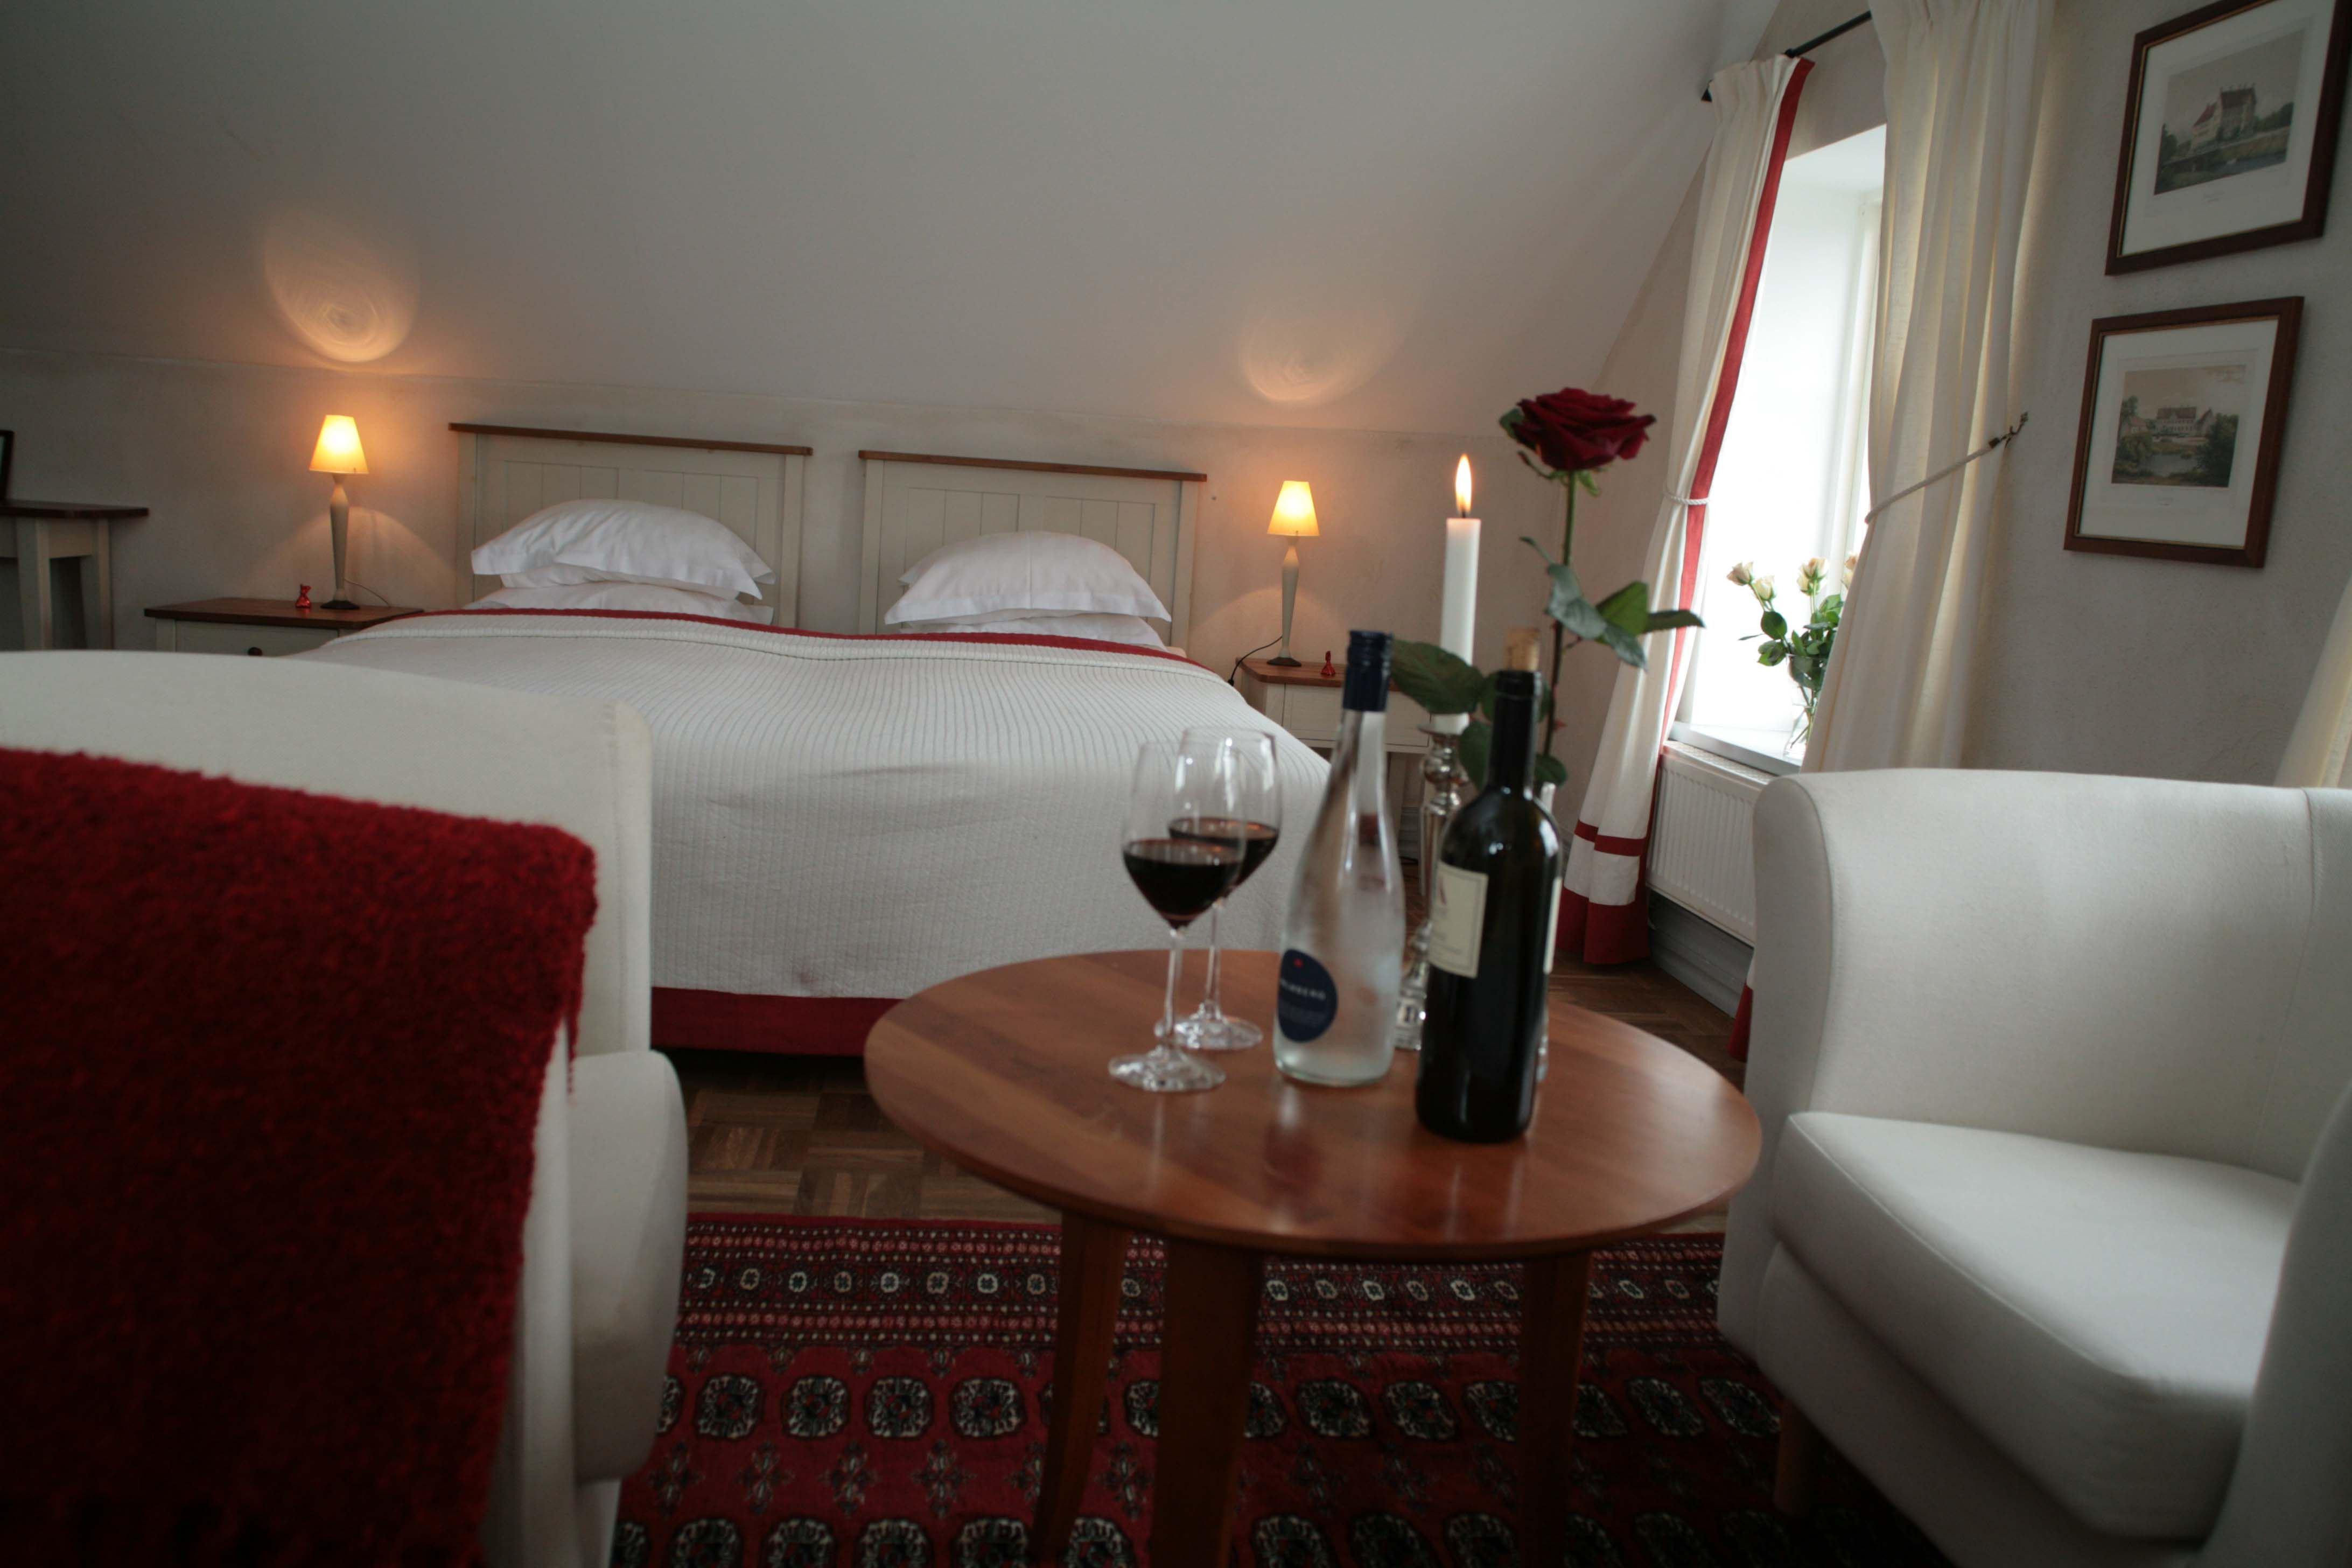 Hotel Skanör's Gästgifvaregård